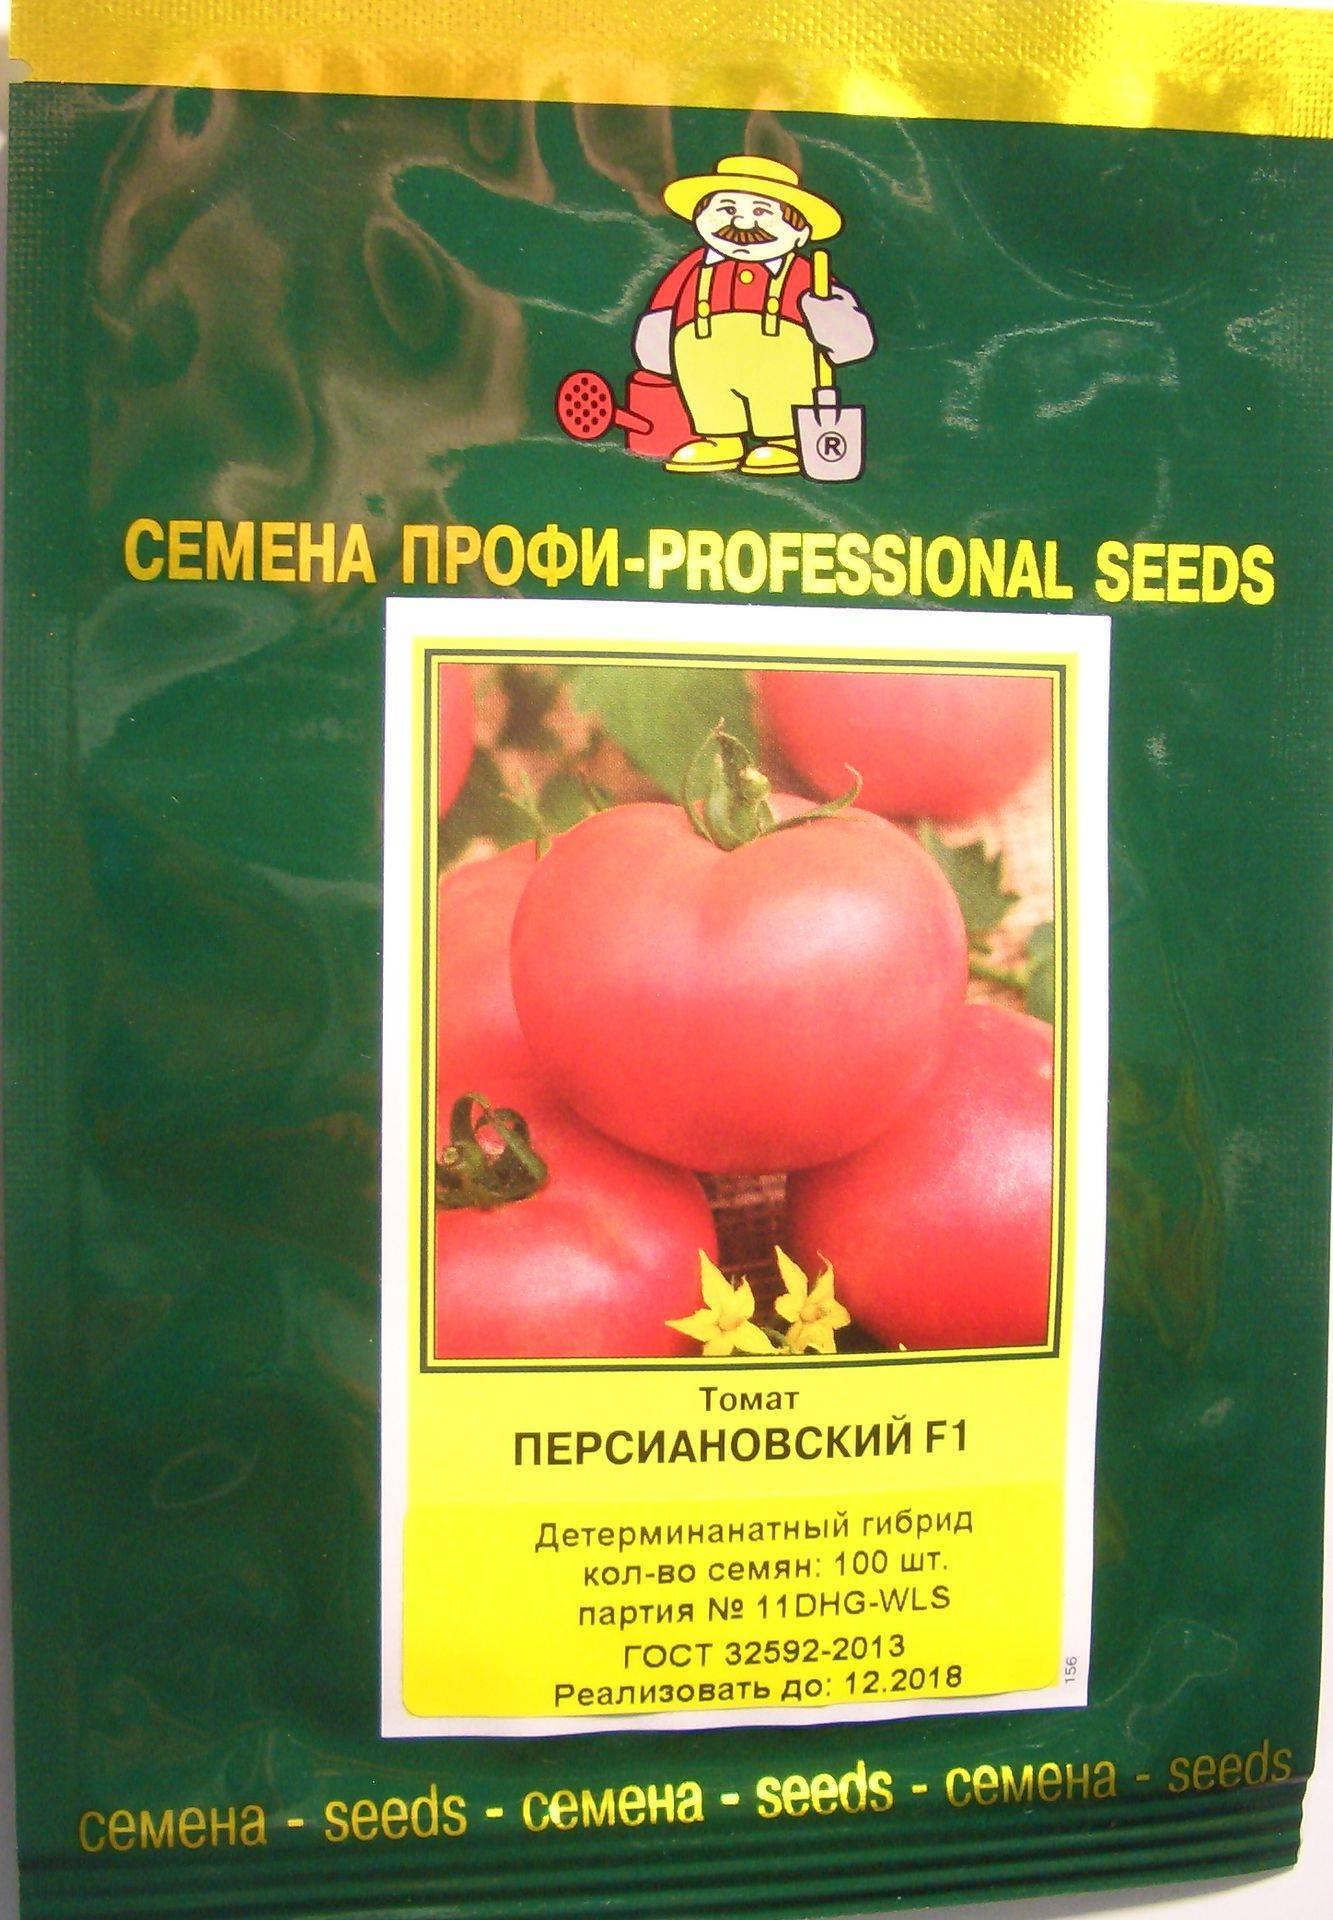 Томат соседская зависть f1: описание и характеристика сорта, урожайность отзывы фото